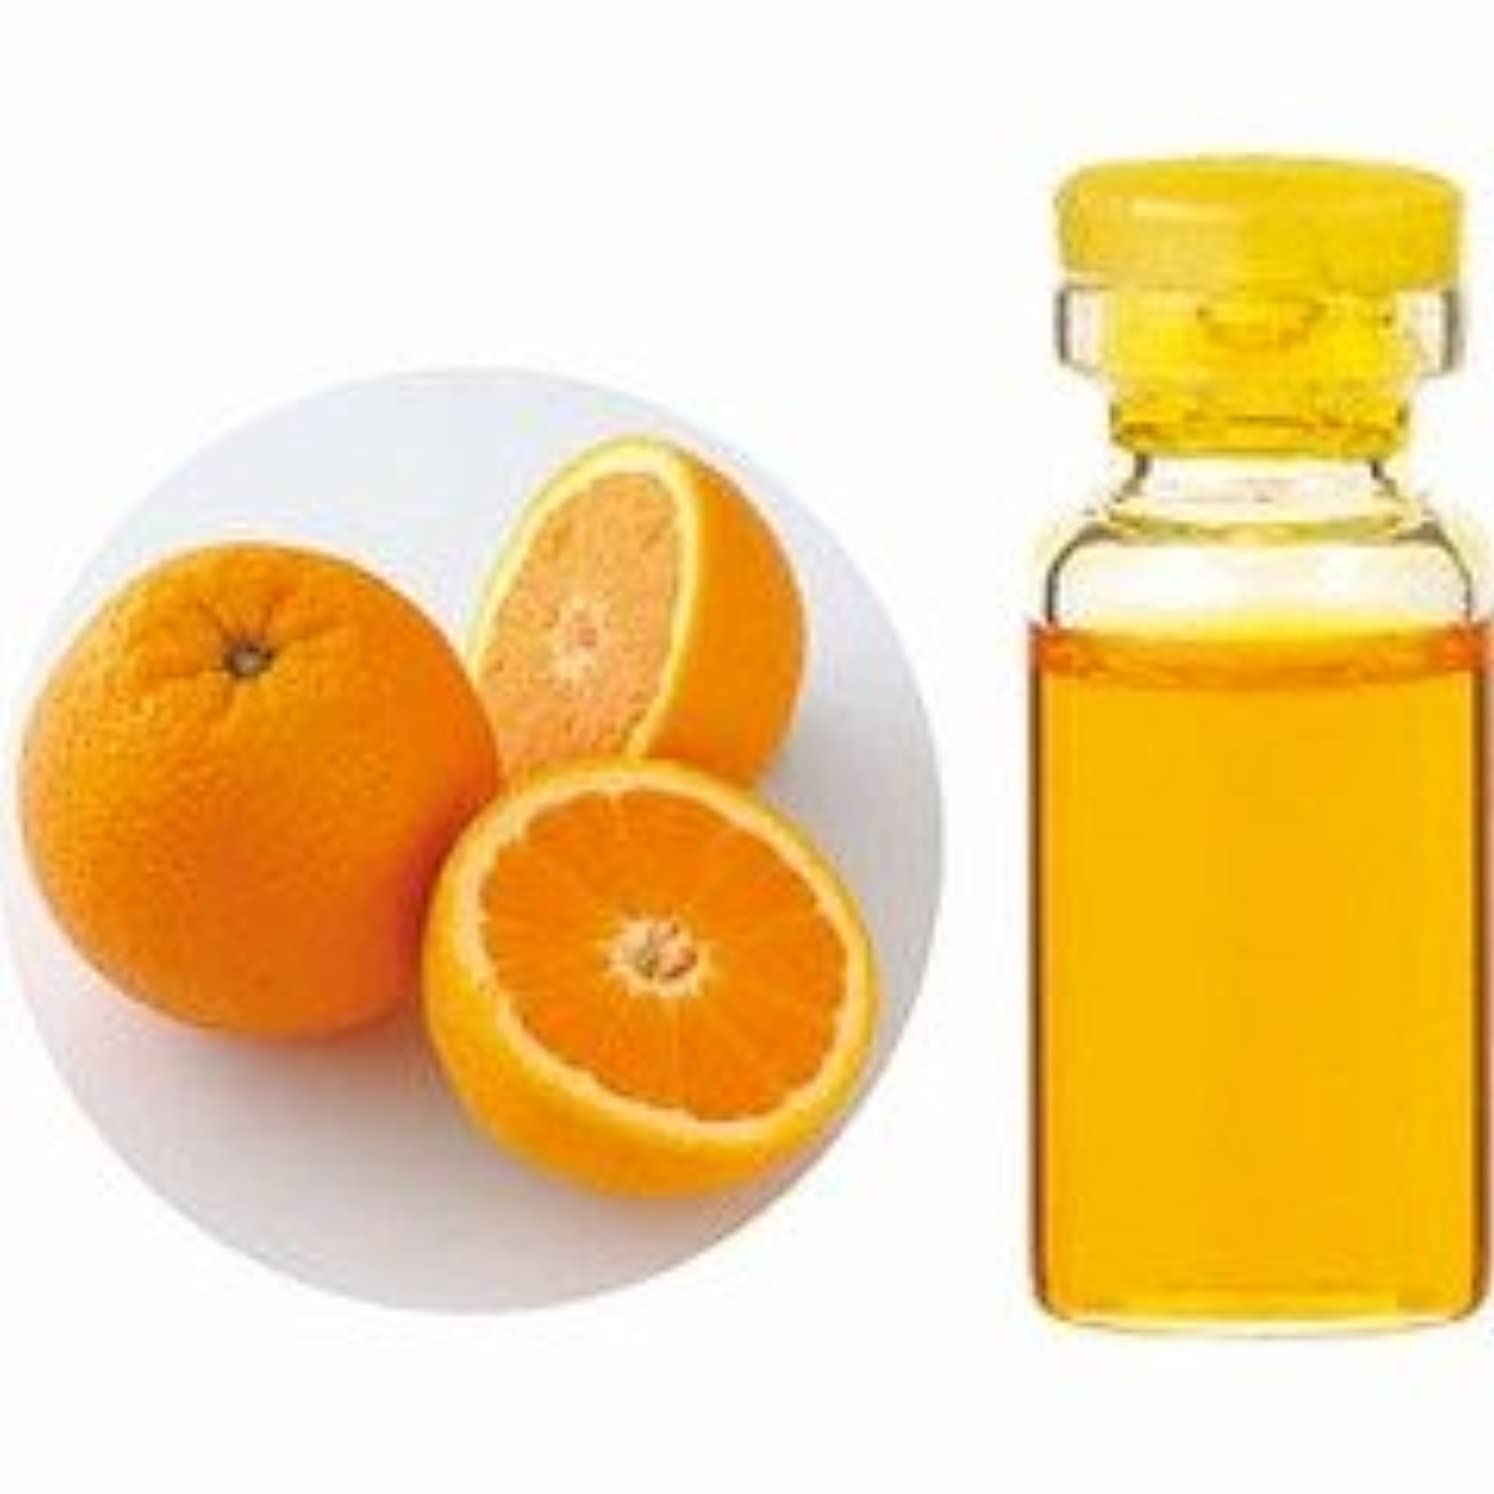 恨みソフトウェアリベラルエッセンシャルオイル(精油) オレンジスイート 10ml 【生活の木】